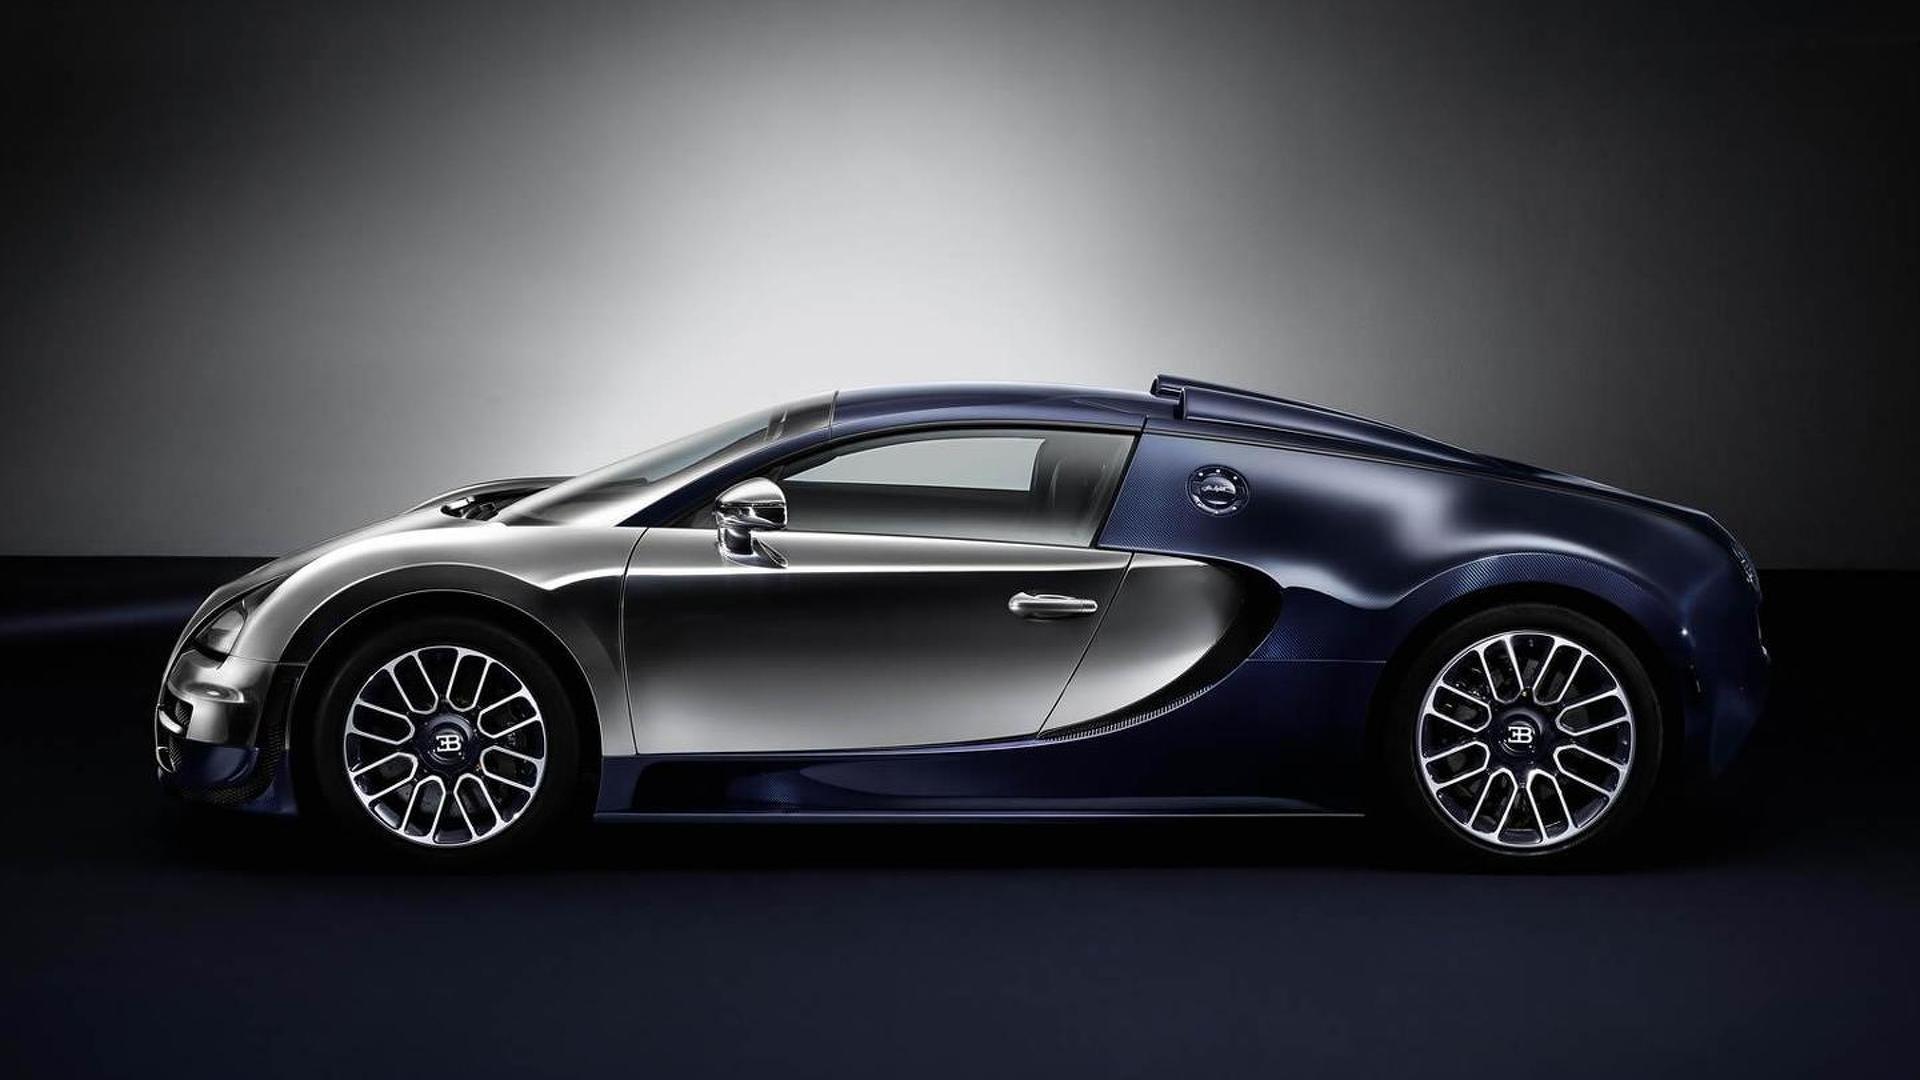 Фото | Bugatti Veyron Ettore Bugatti Edition